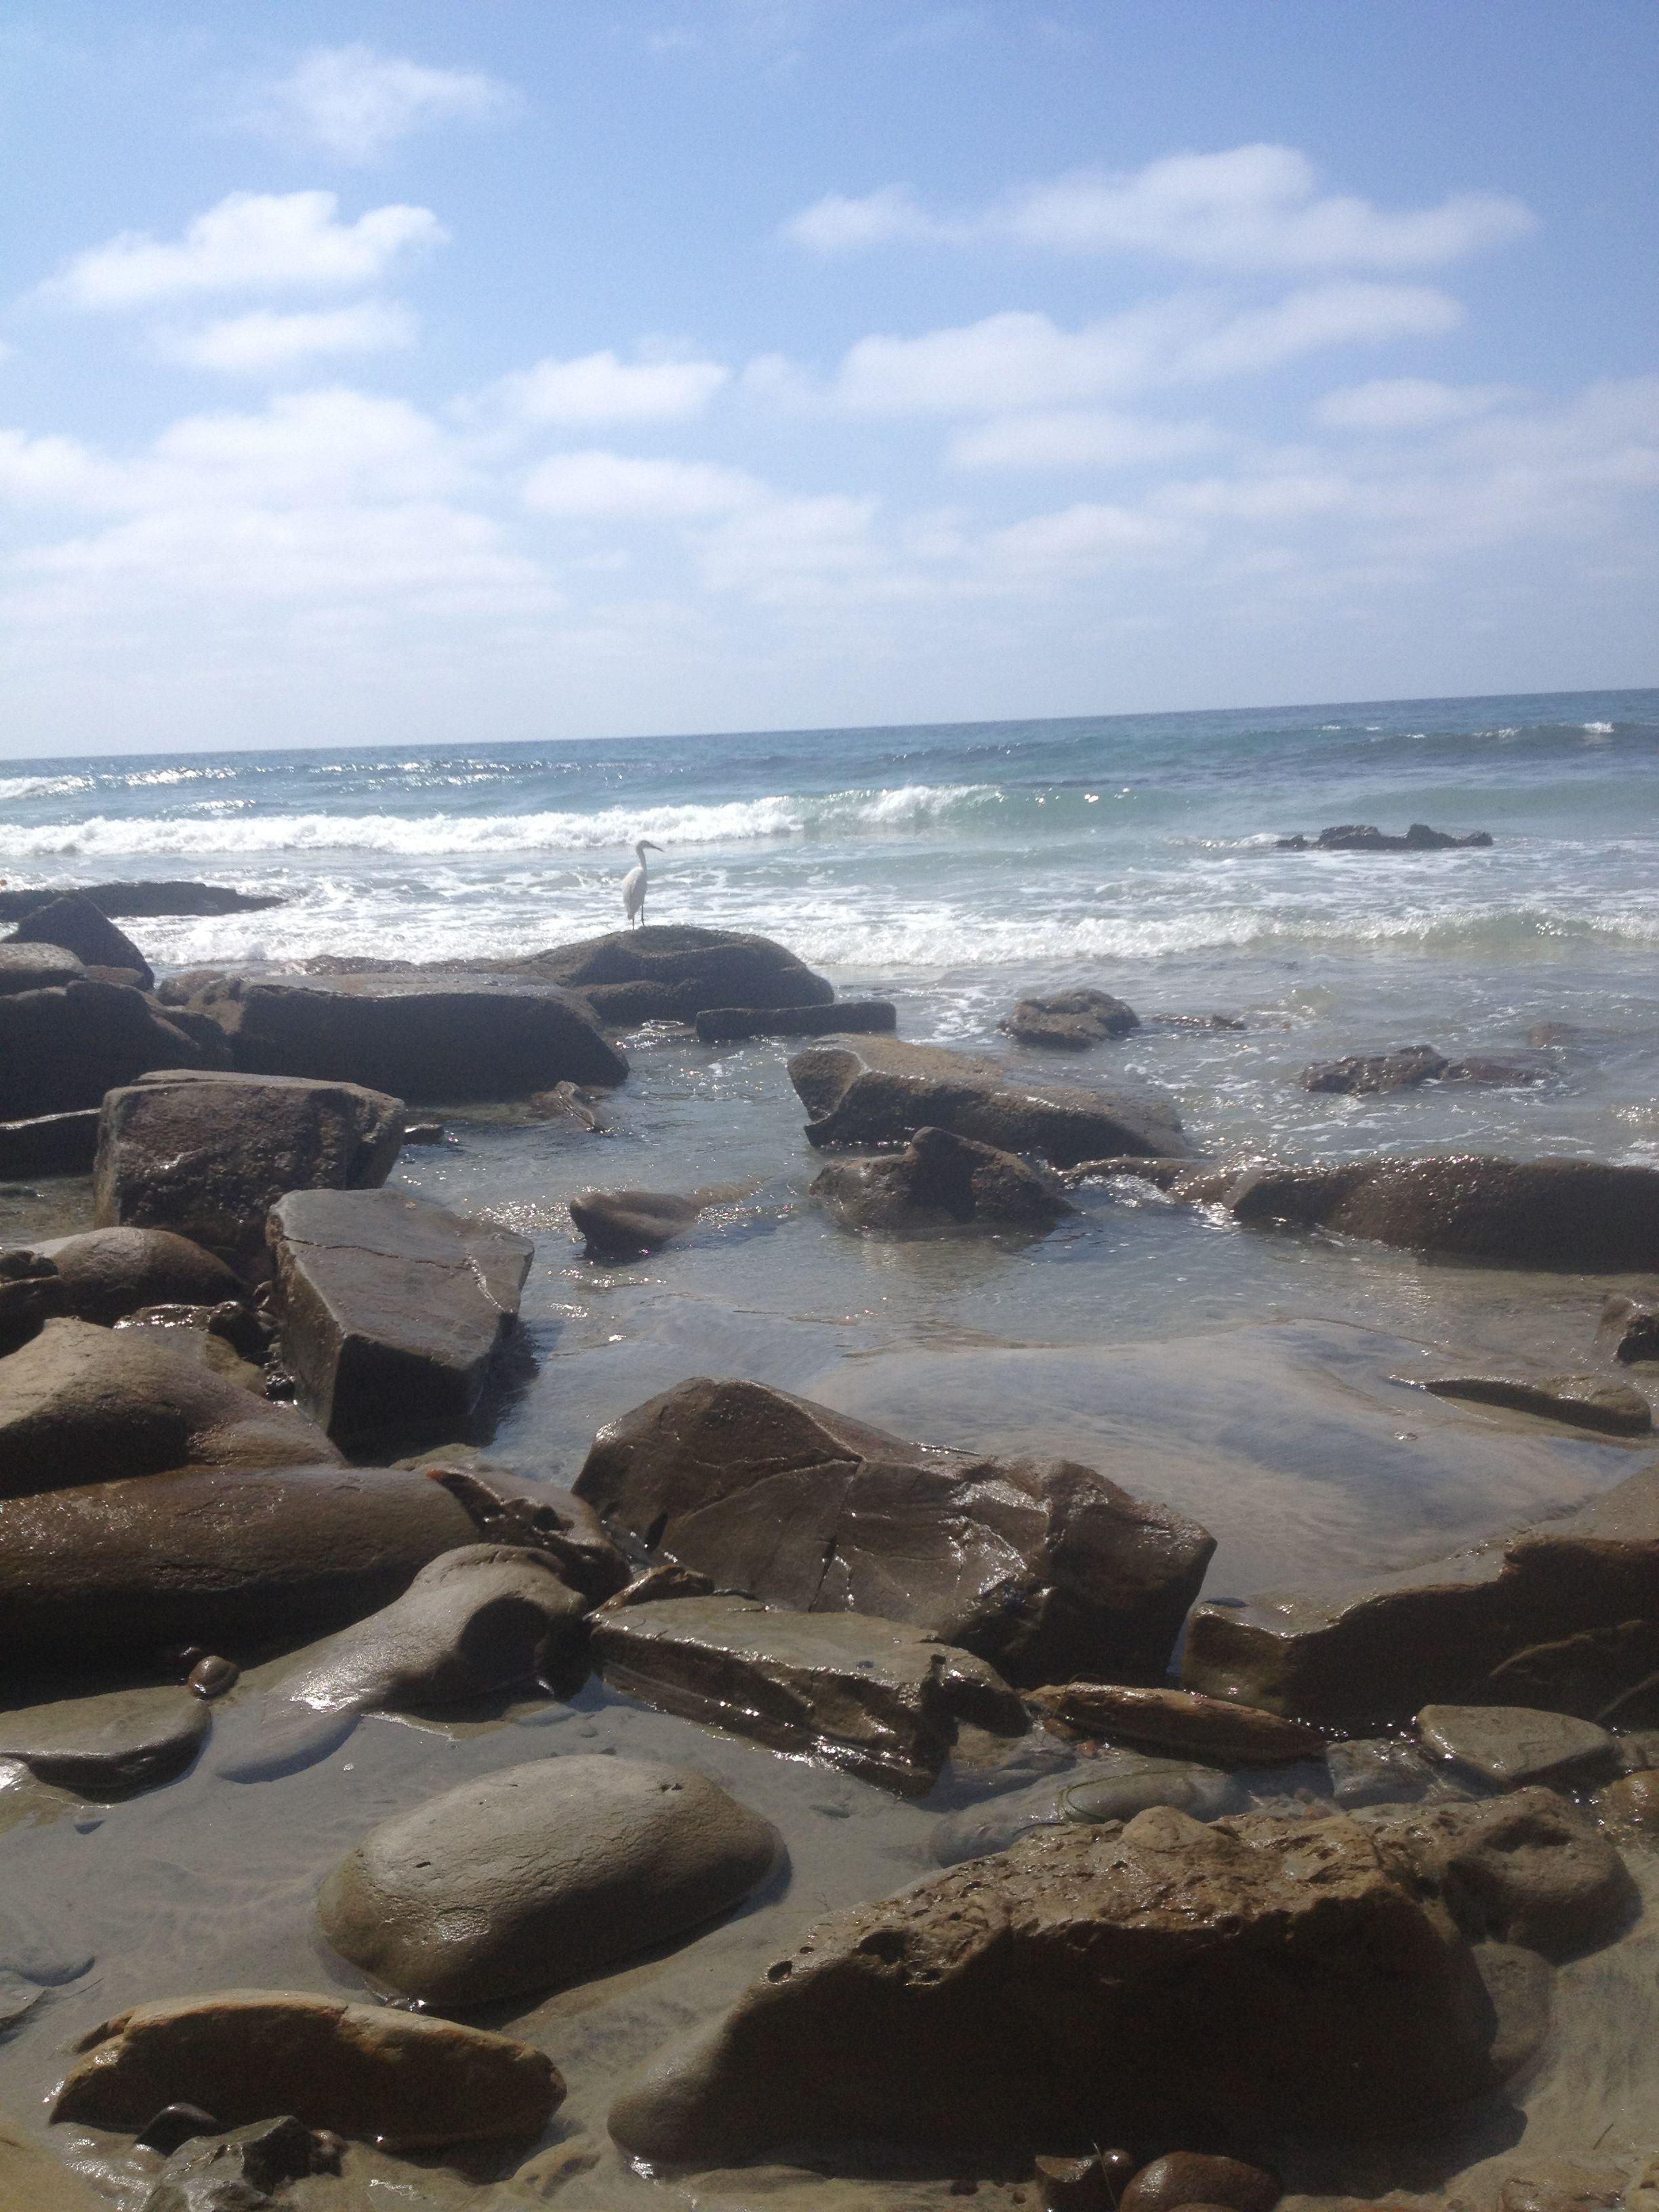 Beach Scenery, Ocean Beach, Beach